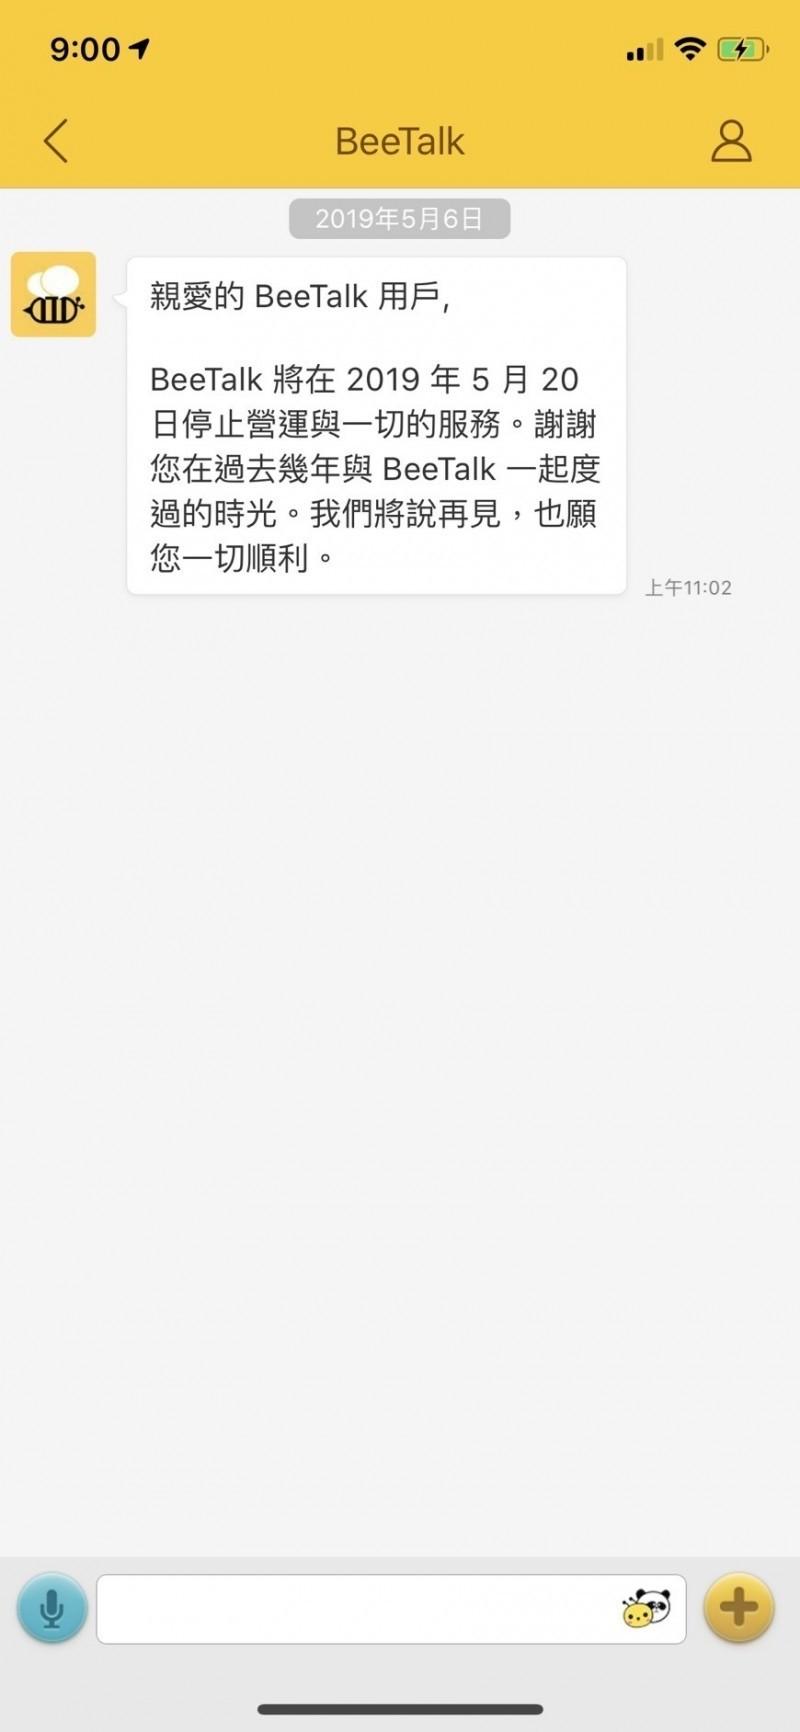 中資交友軟體BeeTalk宣布520終止營運  對手尚凡這麼說...